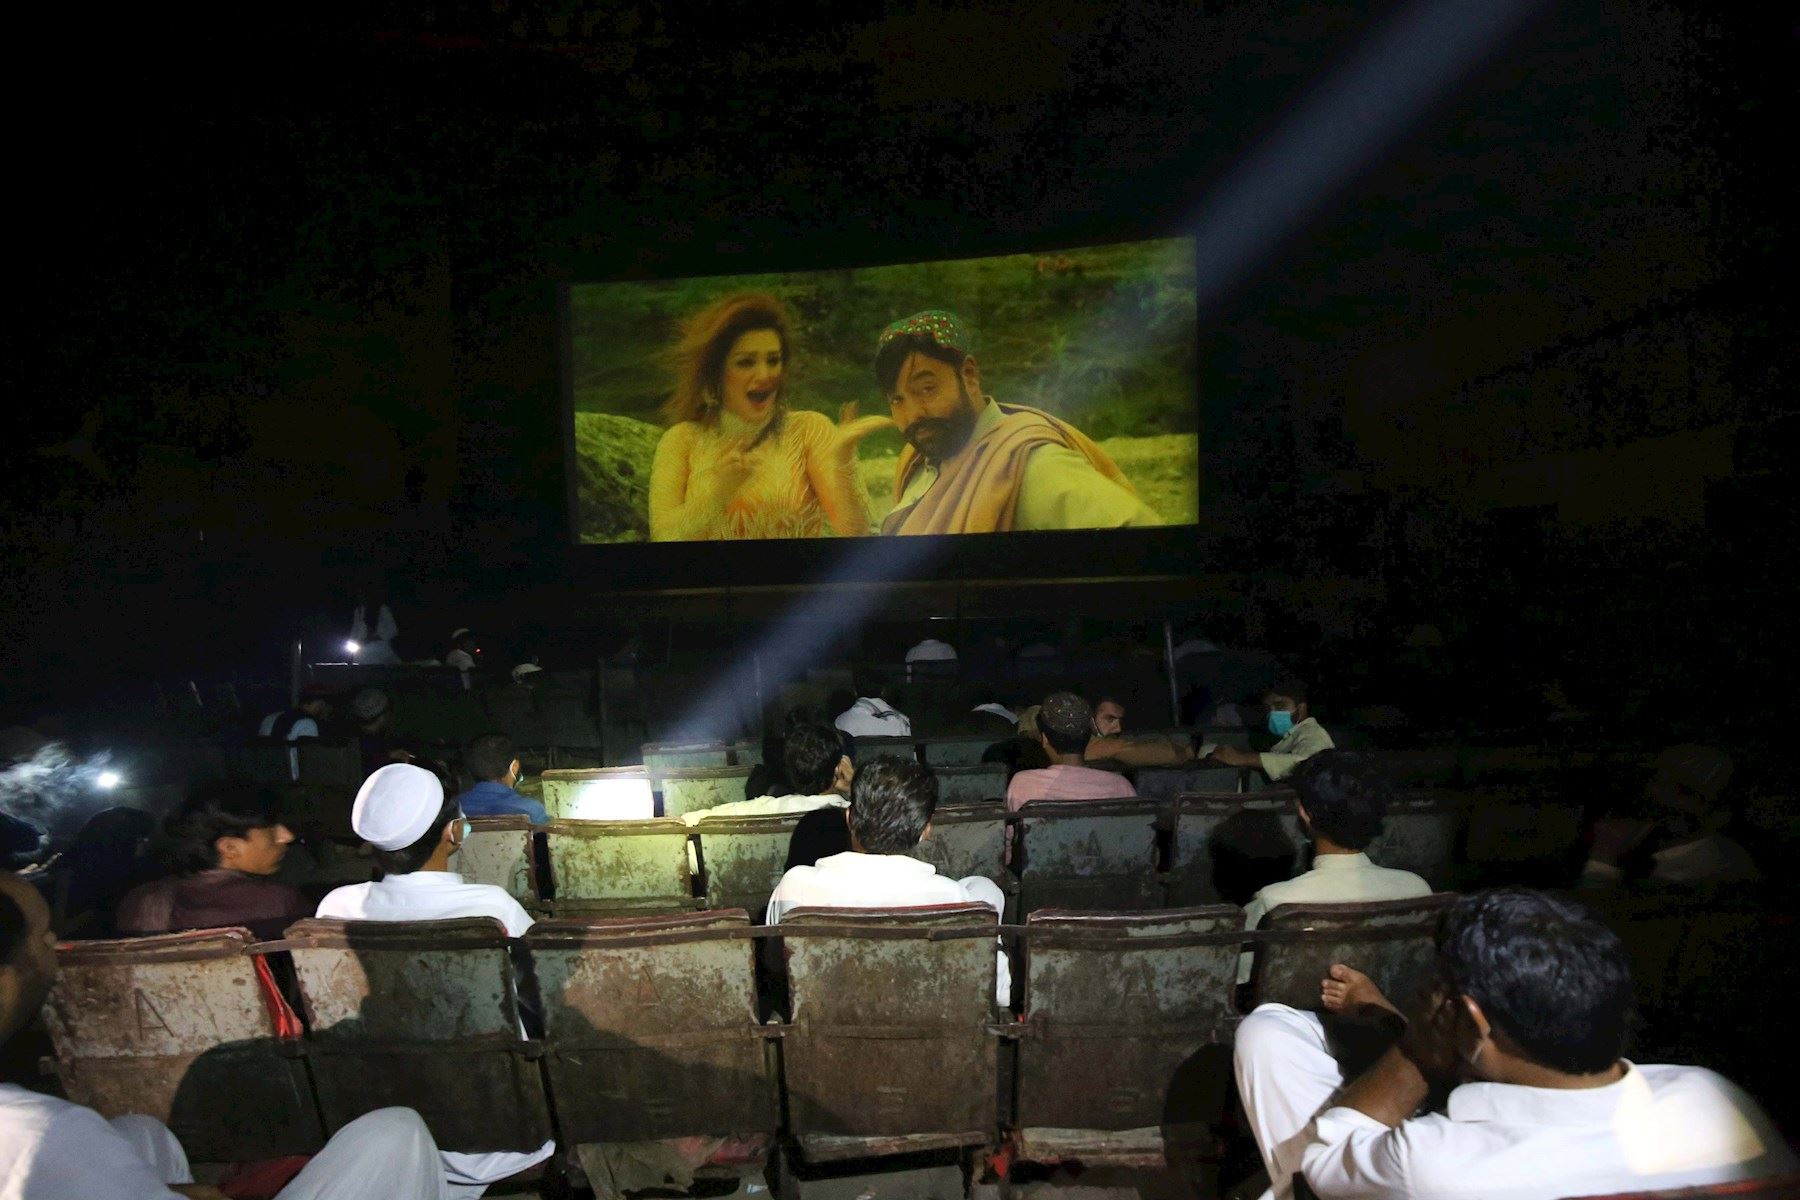 Gente viendo una película en el cine después de que el gobierno levantara la mayoría de las restricciones de coronavirus restantes en el país, en Peshawar, Pakistán.  Foto: EFE